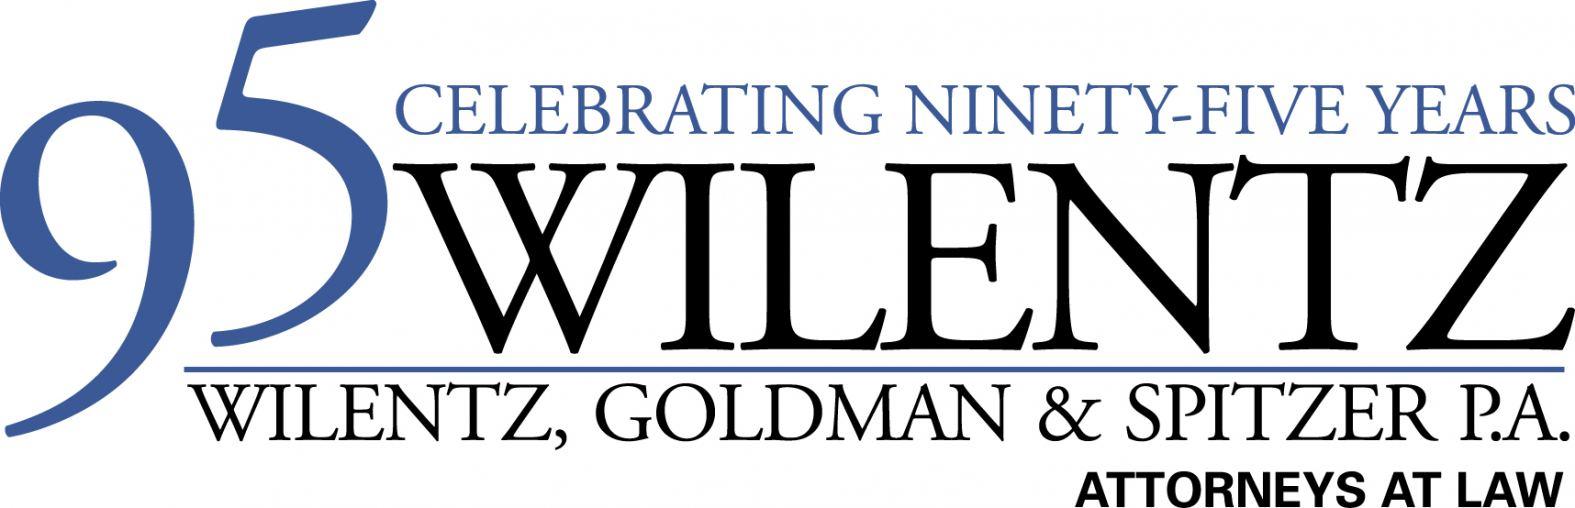 NJ Law Firm Wilentz, Goldman & Spitzer